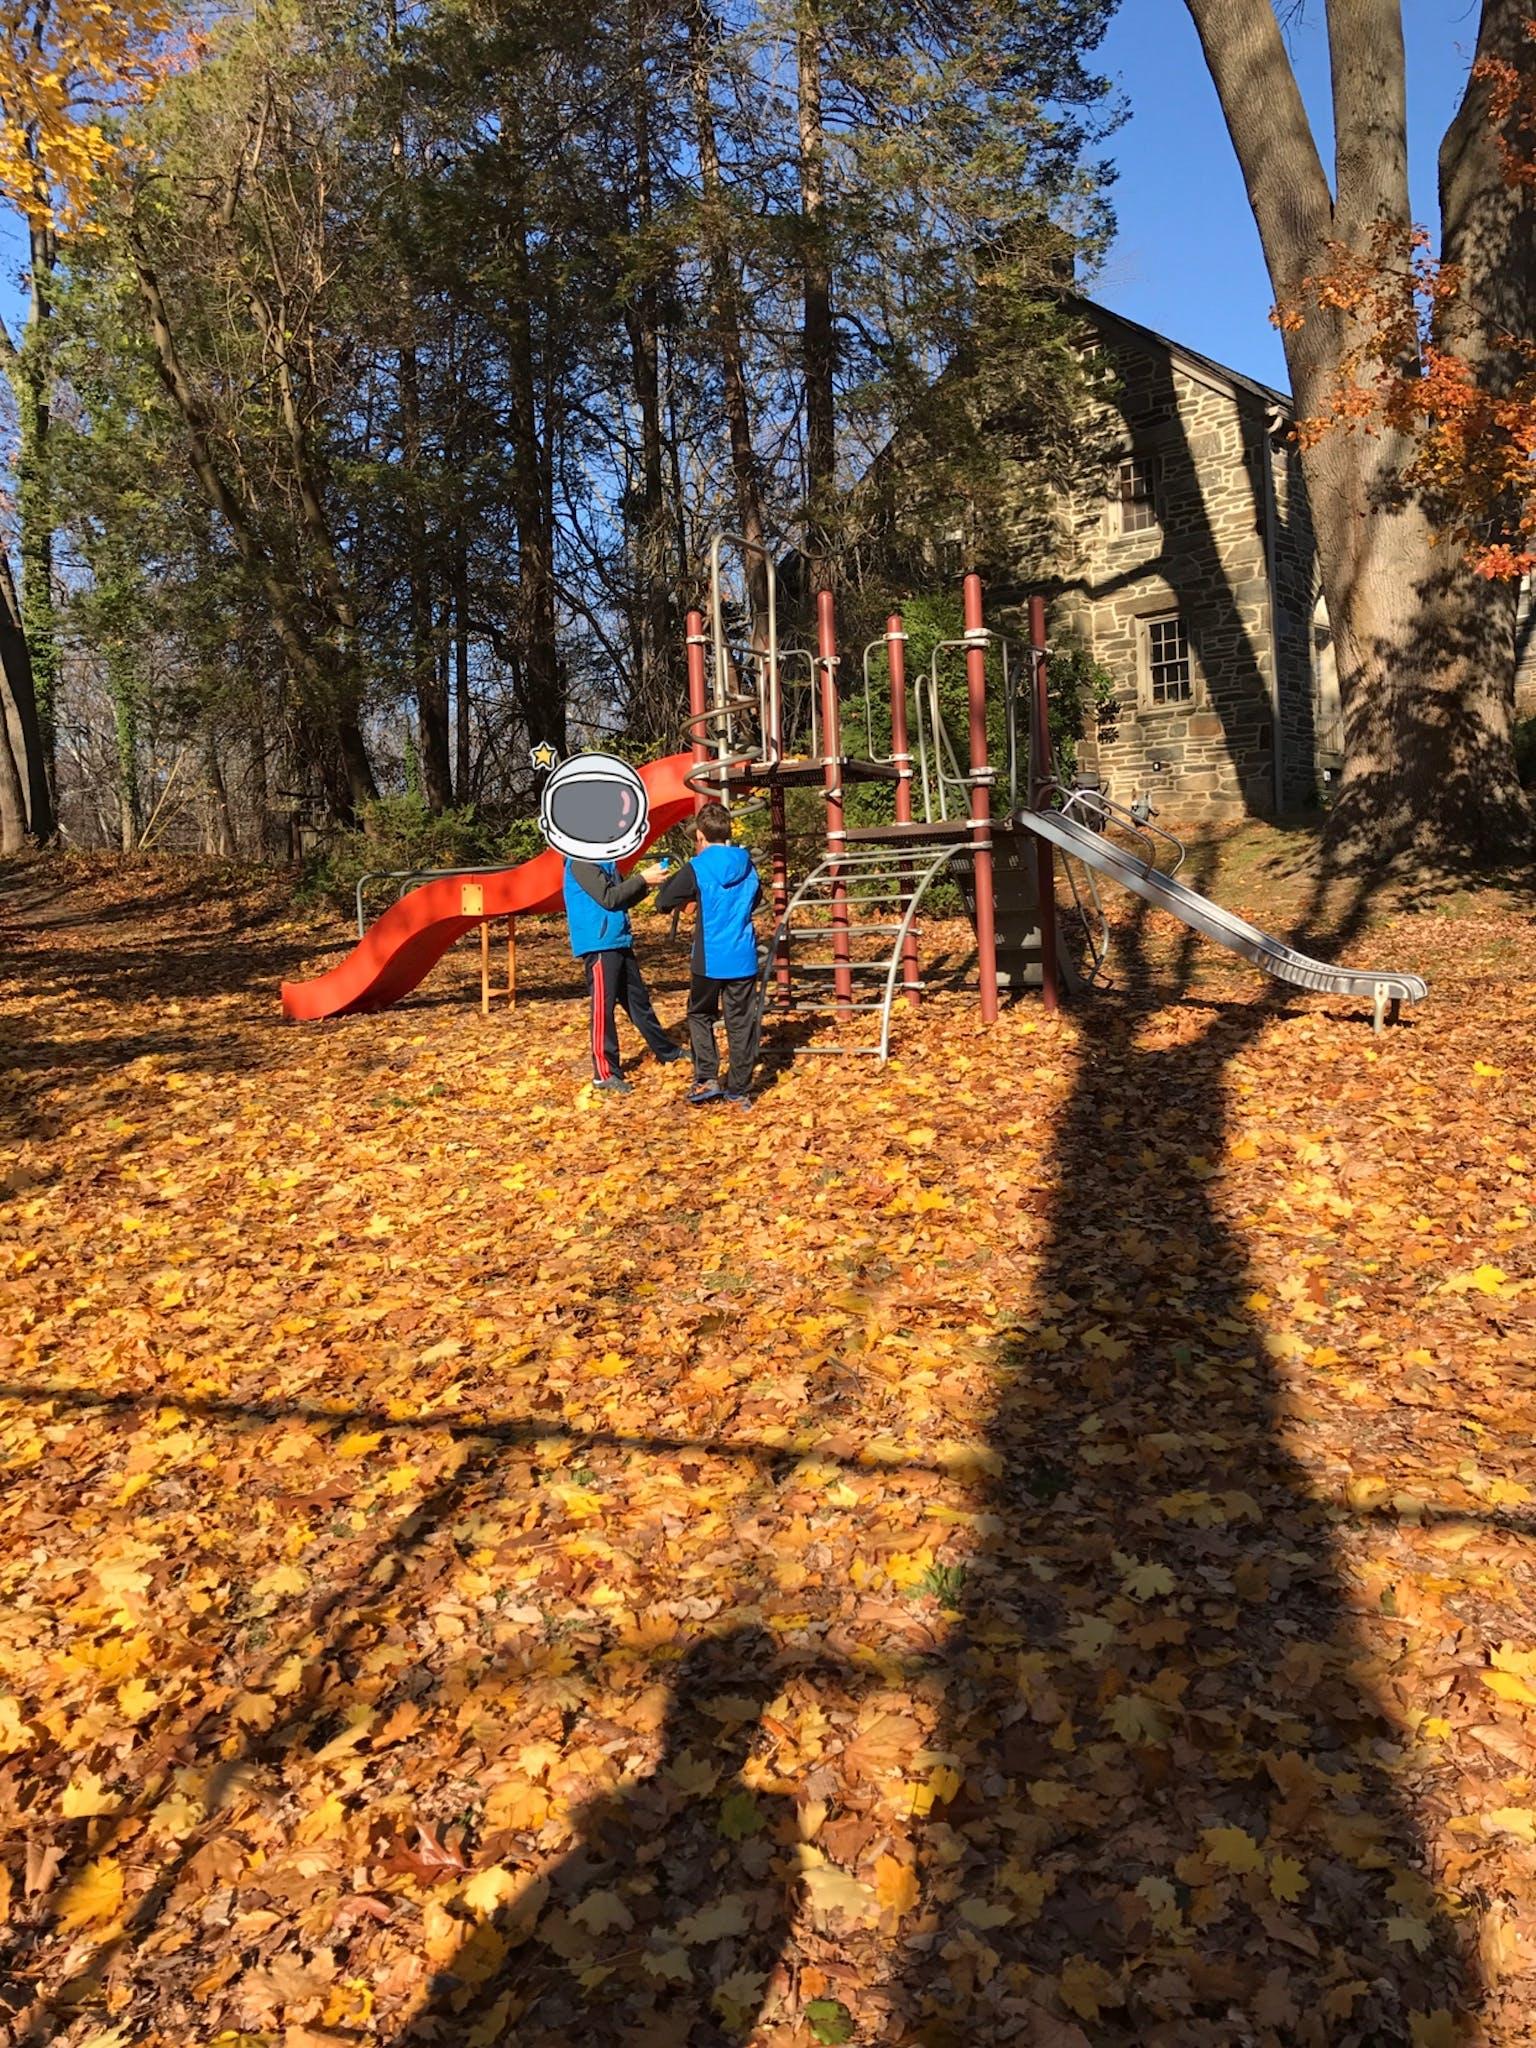 Carroll park in Wynnewood, PA